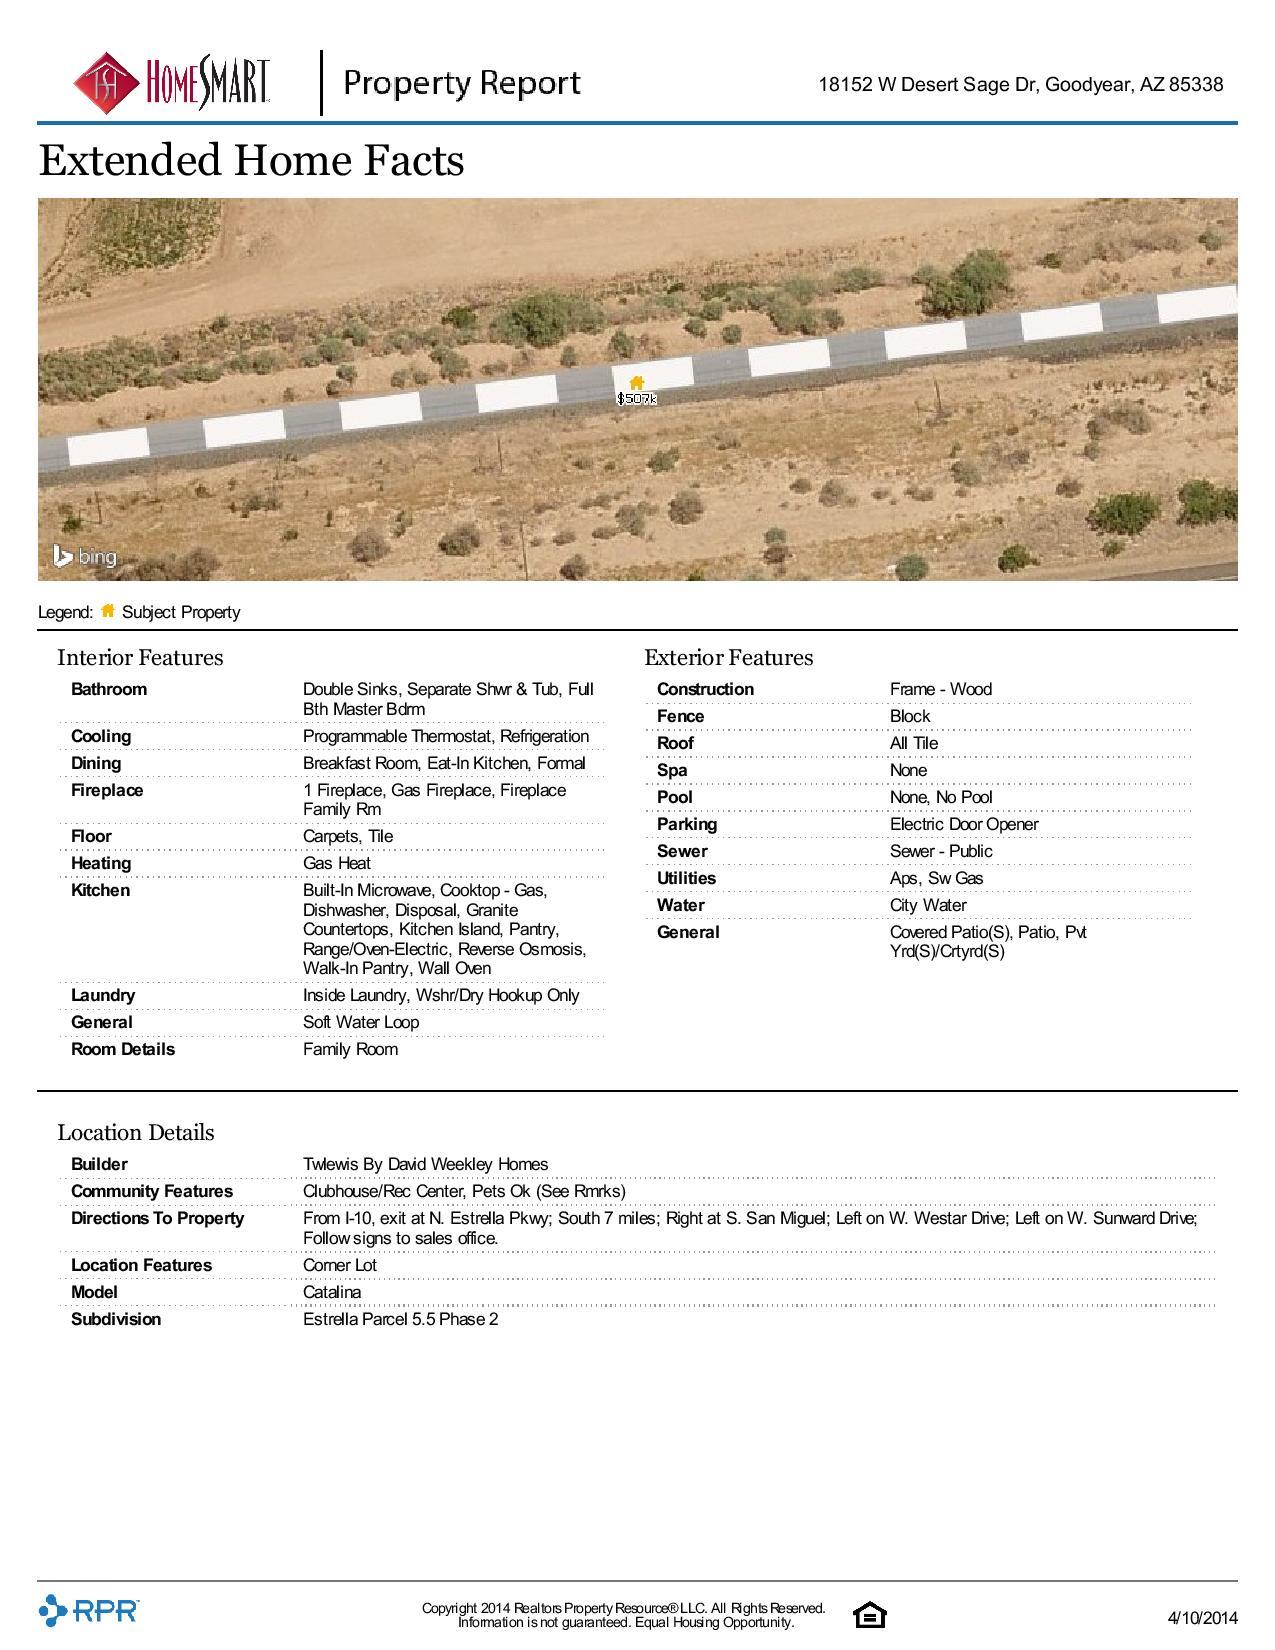 18152-W-Desert-Sage-Dr-Goodyear-AZ-85338-page-004